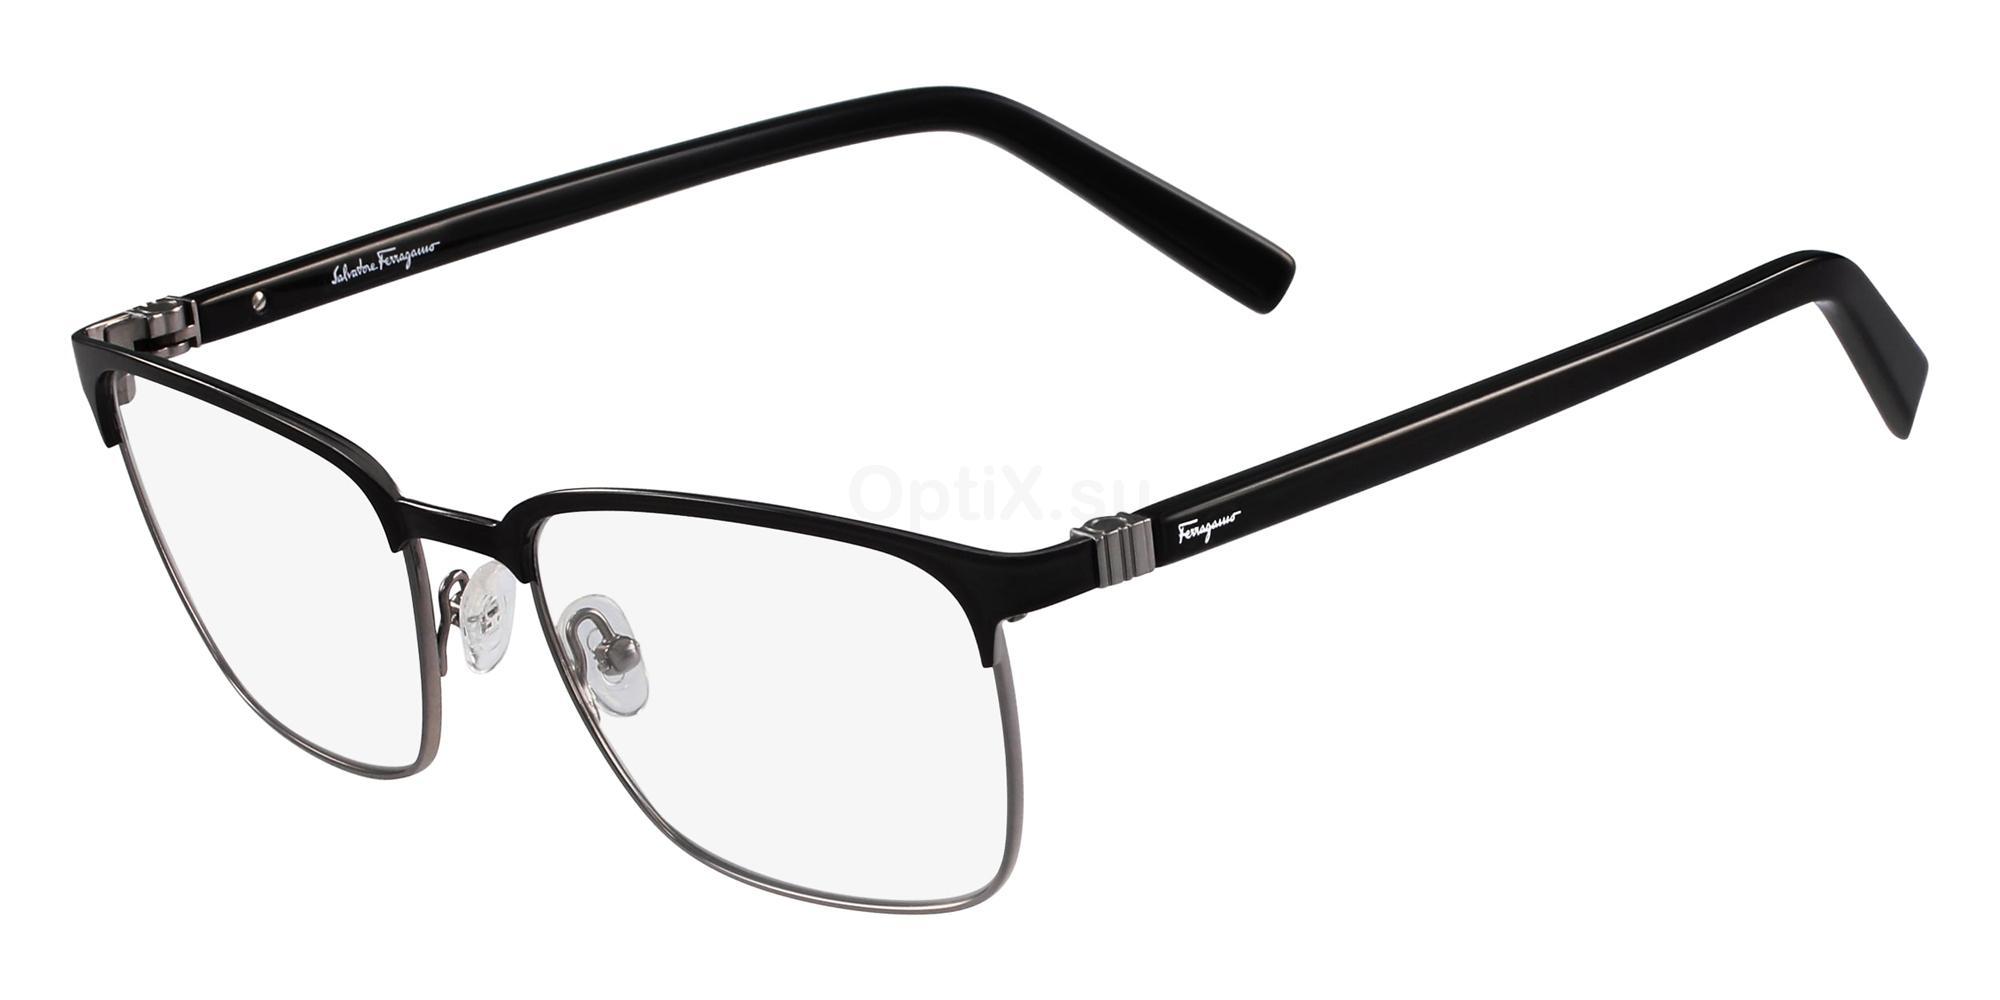 021 SF2523 Glasses, Salvatore Ferragamo